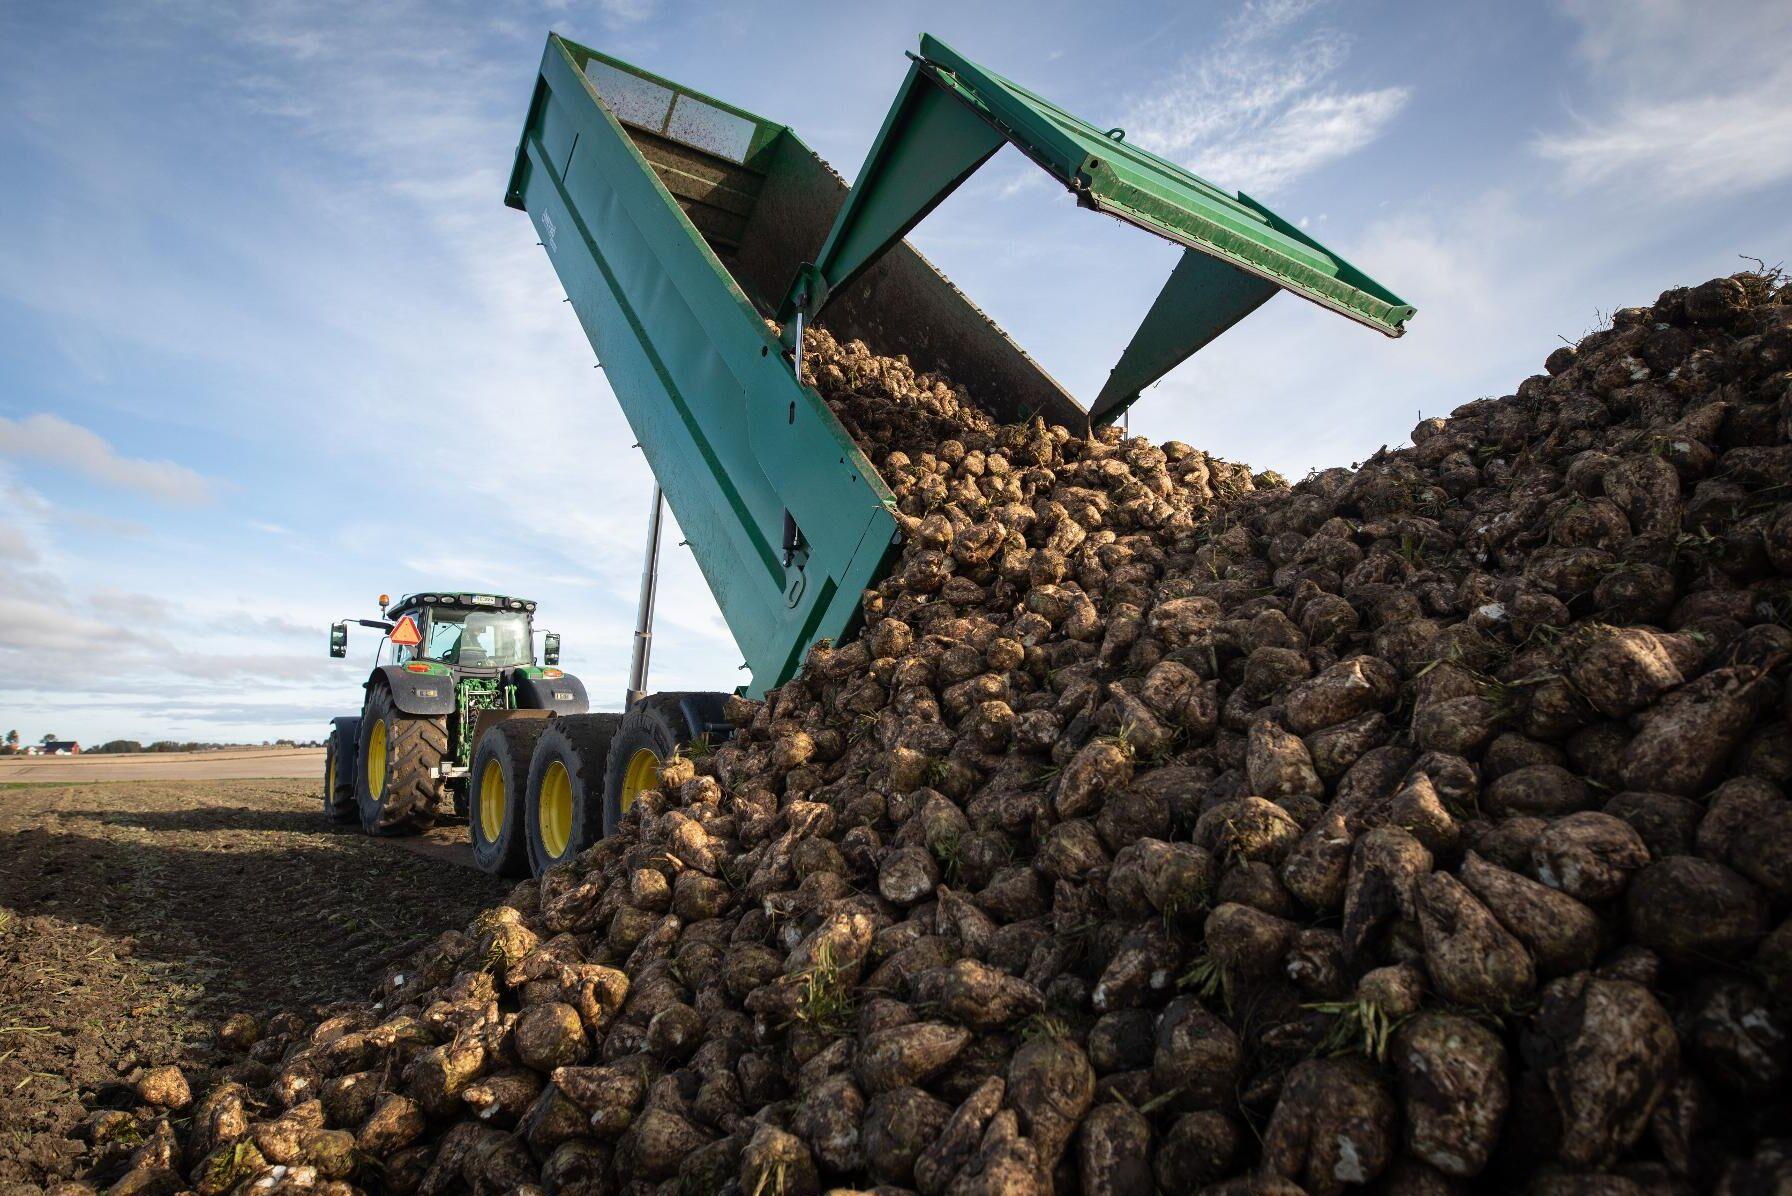 Vissa EU-länder har gett sockerbetsodlare dispens för att använda förbjudna neonikotinoider. Arkivbild.